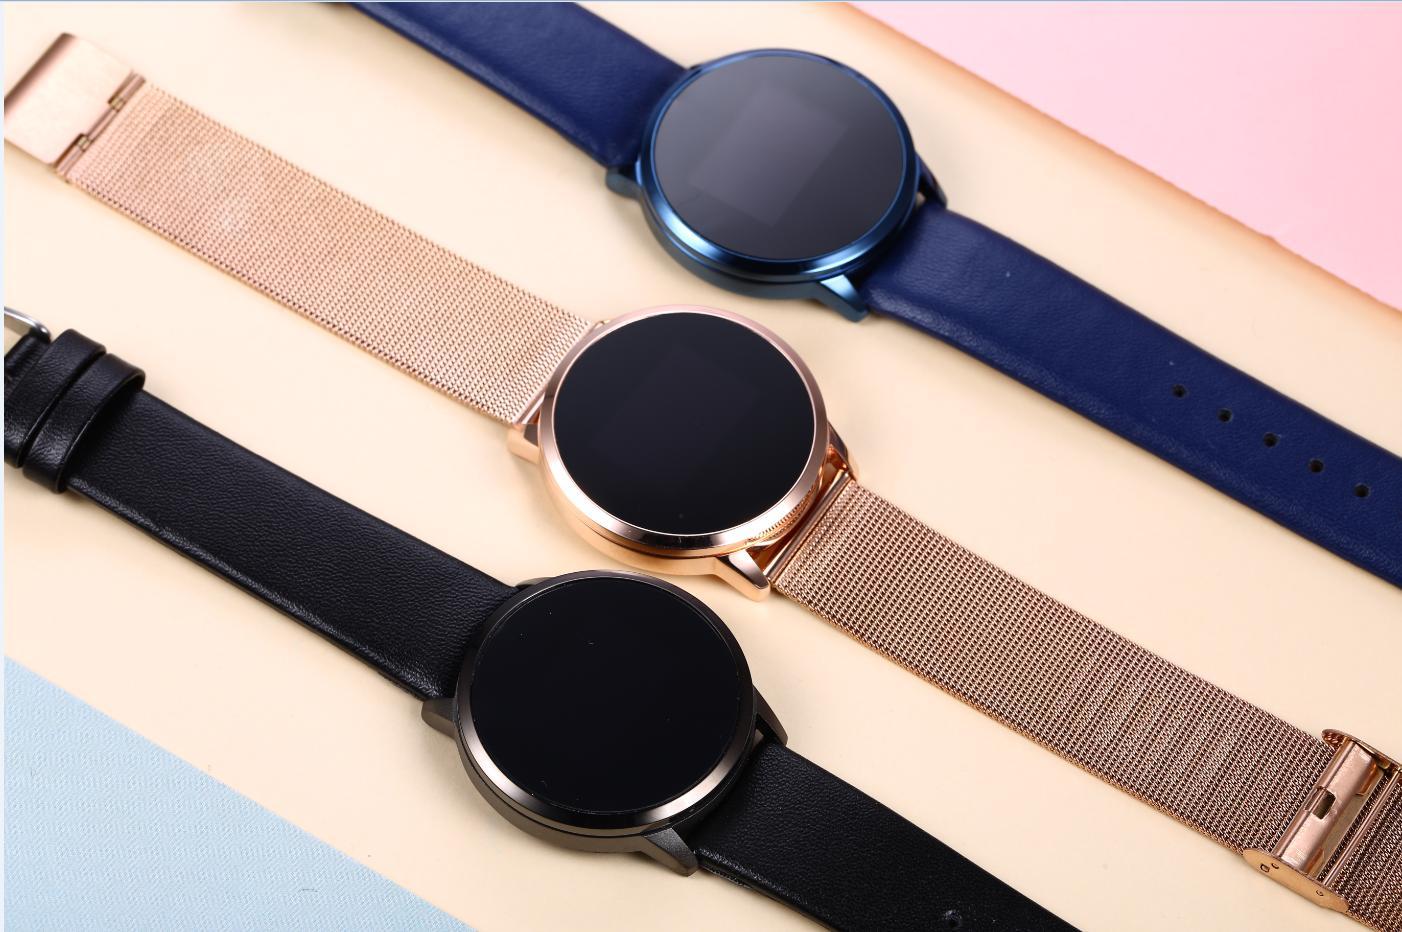 2019 Nova Q8 Relógio Inteligente Tela Colorida OLED Smartwatch mulheres Moda Rastreador De Fitness monitor de Freqüência Cardíaca